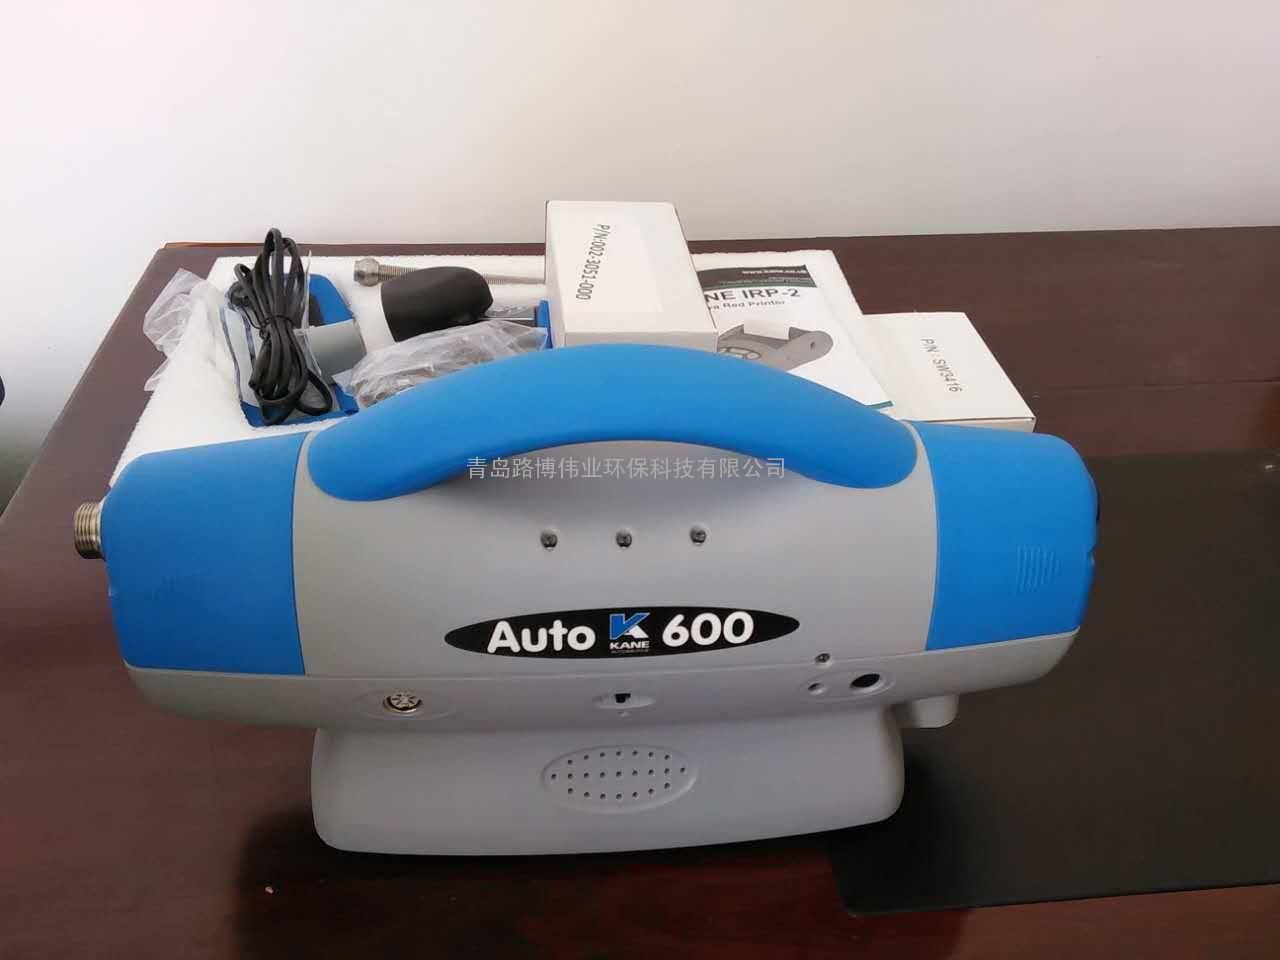 英国凯恩AUTO-600便携式柴油车尾气检测仪欢迎订购!